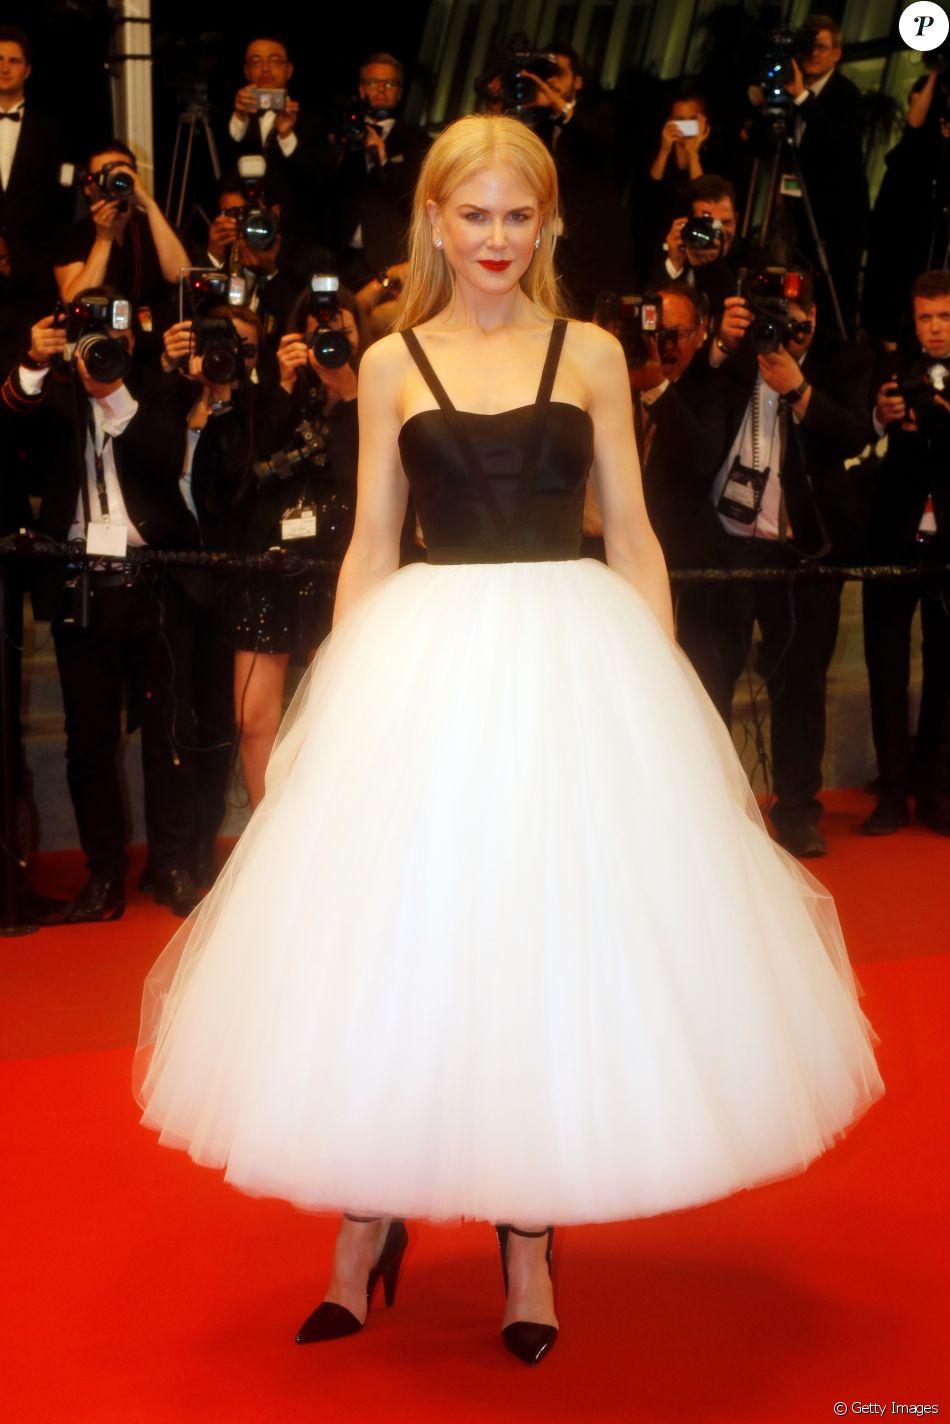 Nicole Kidman prestigia a exibição do seu novo filme 'The Killing of a Sacred Deer' no Festival de Cannes 2017, nesta segunda-feira, 22 de maio de 2017